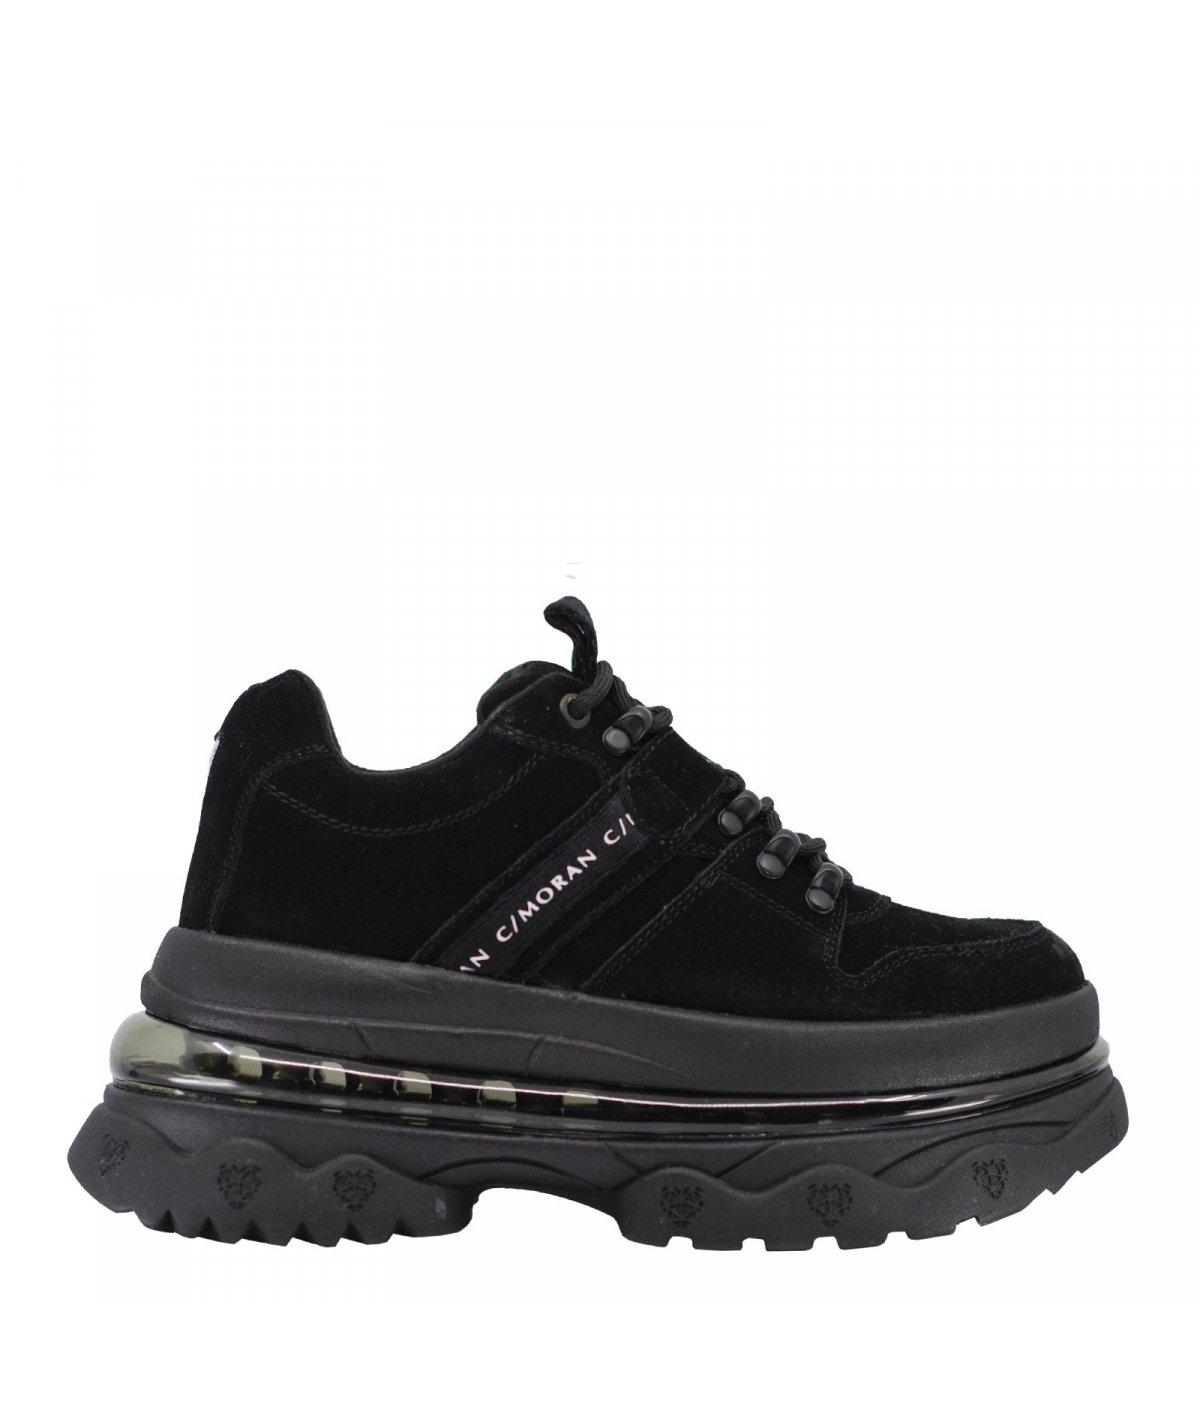 Zapatillas Mujer 327 Reno